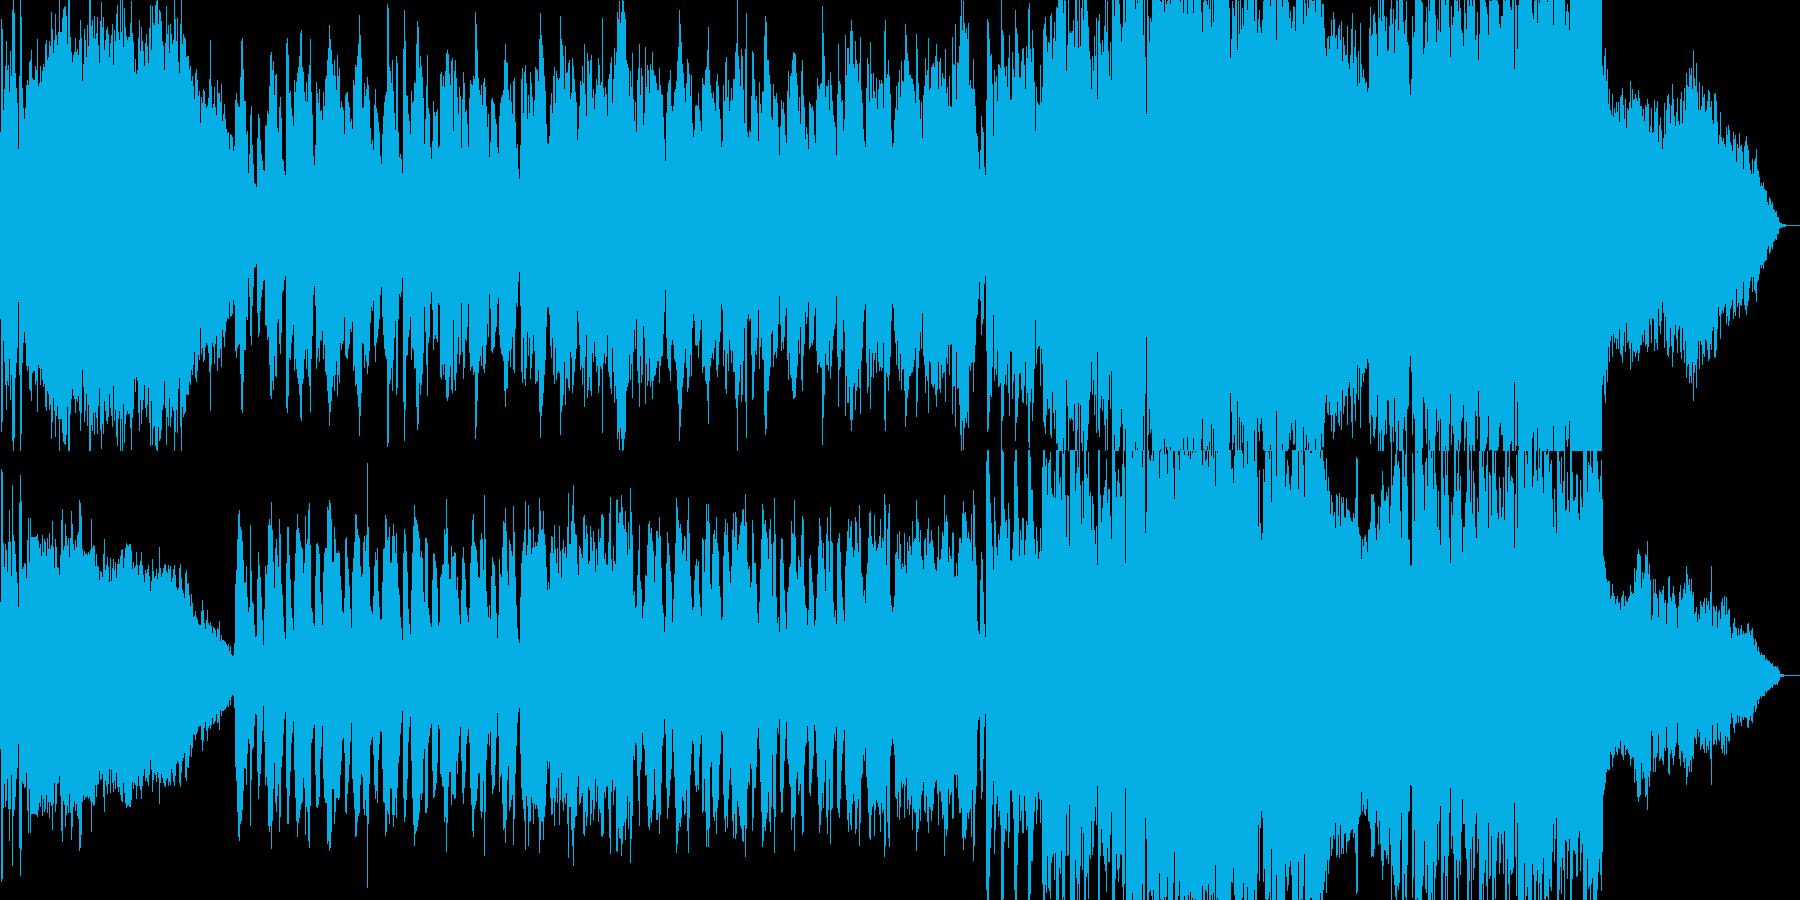 ゴシックホラー的な何かが迫り来るBGMの再生済みの波形